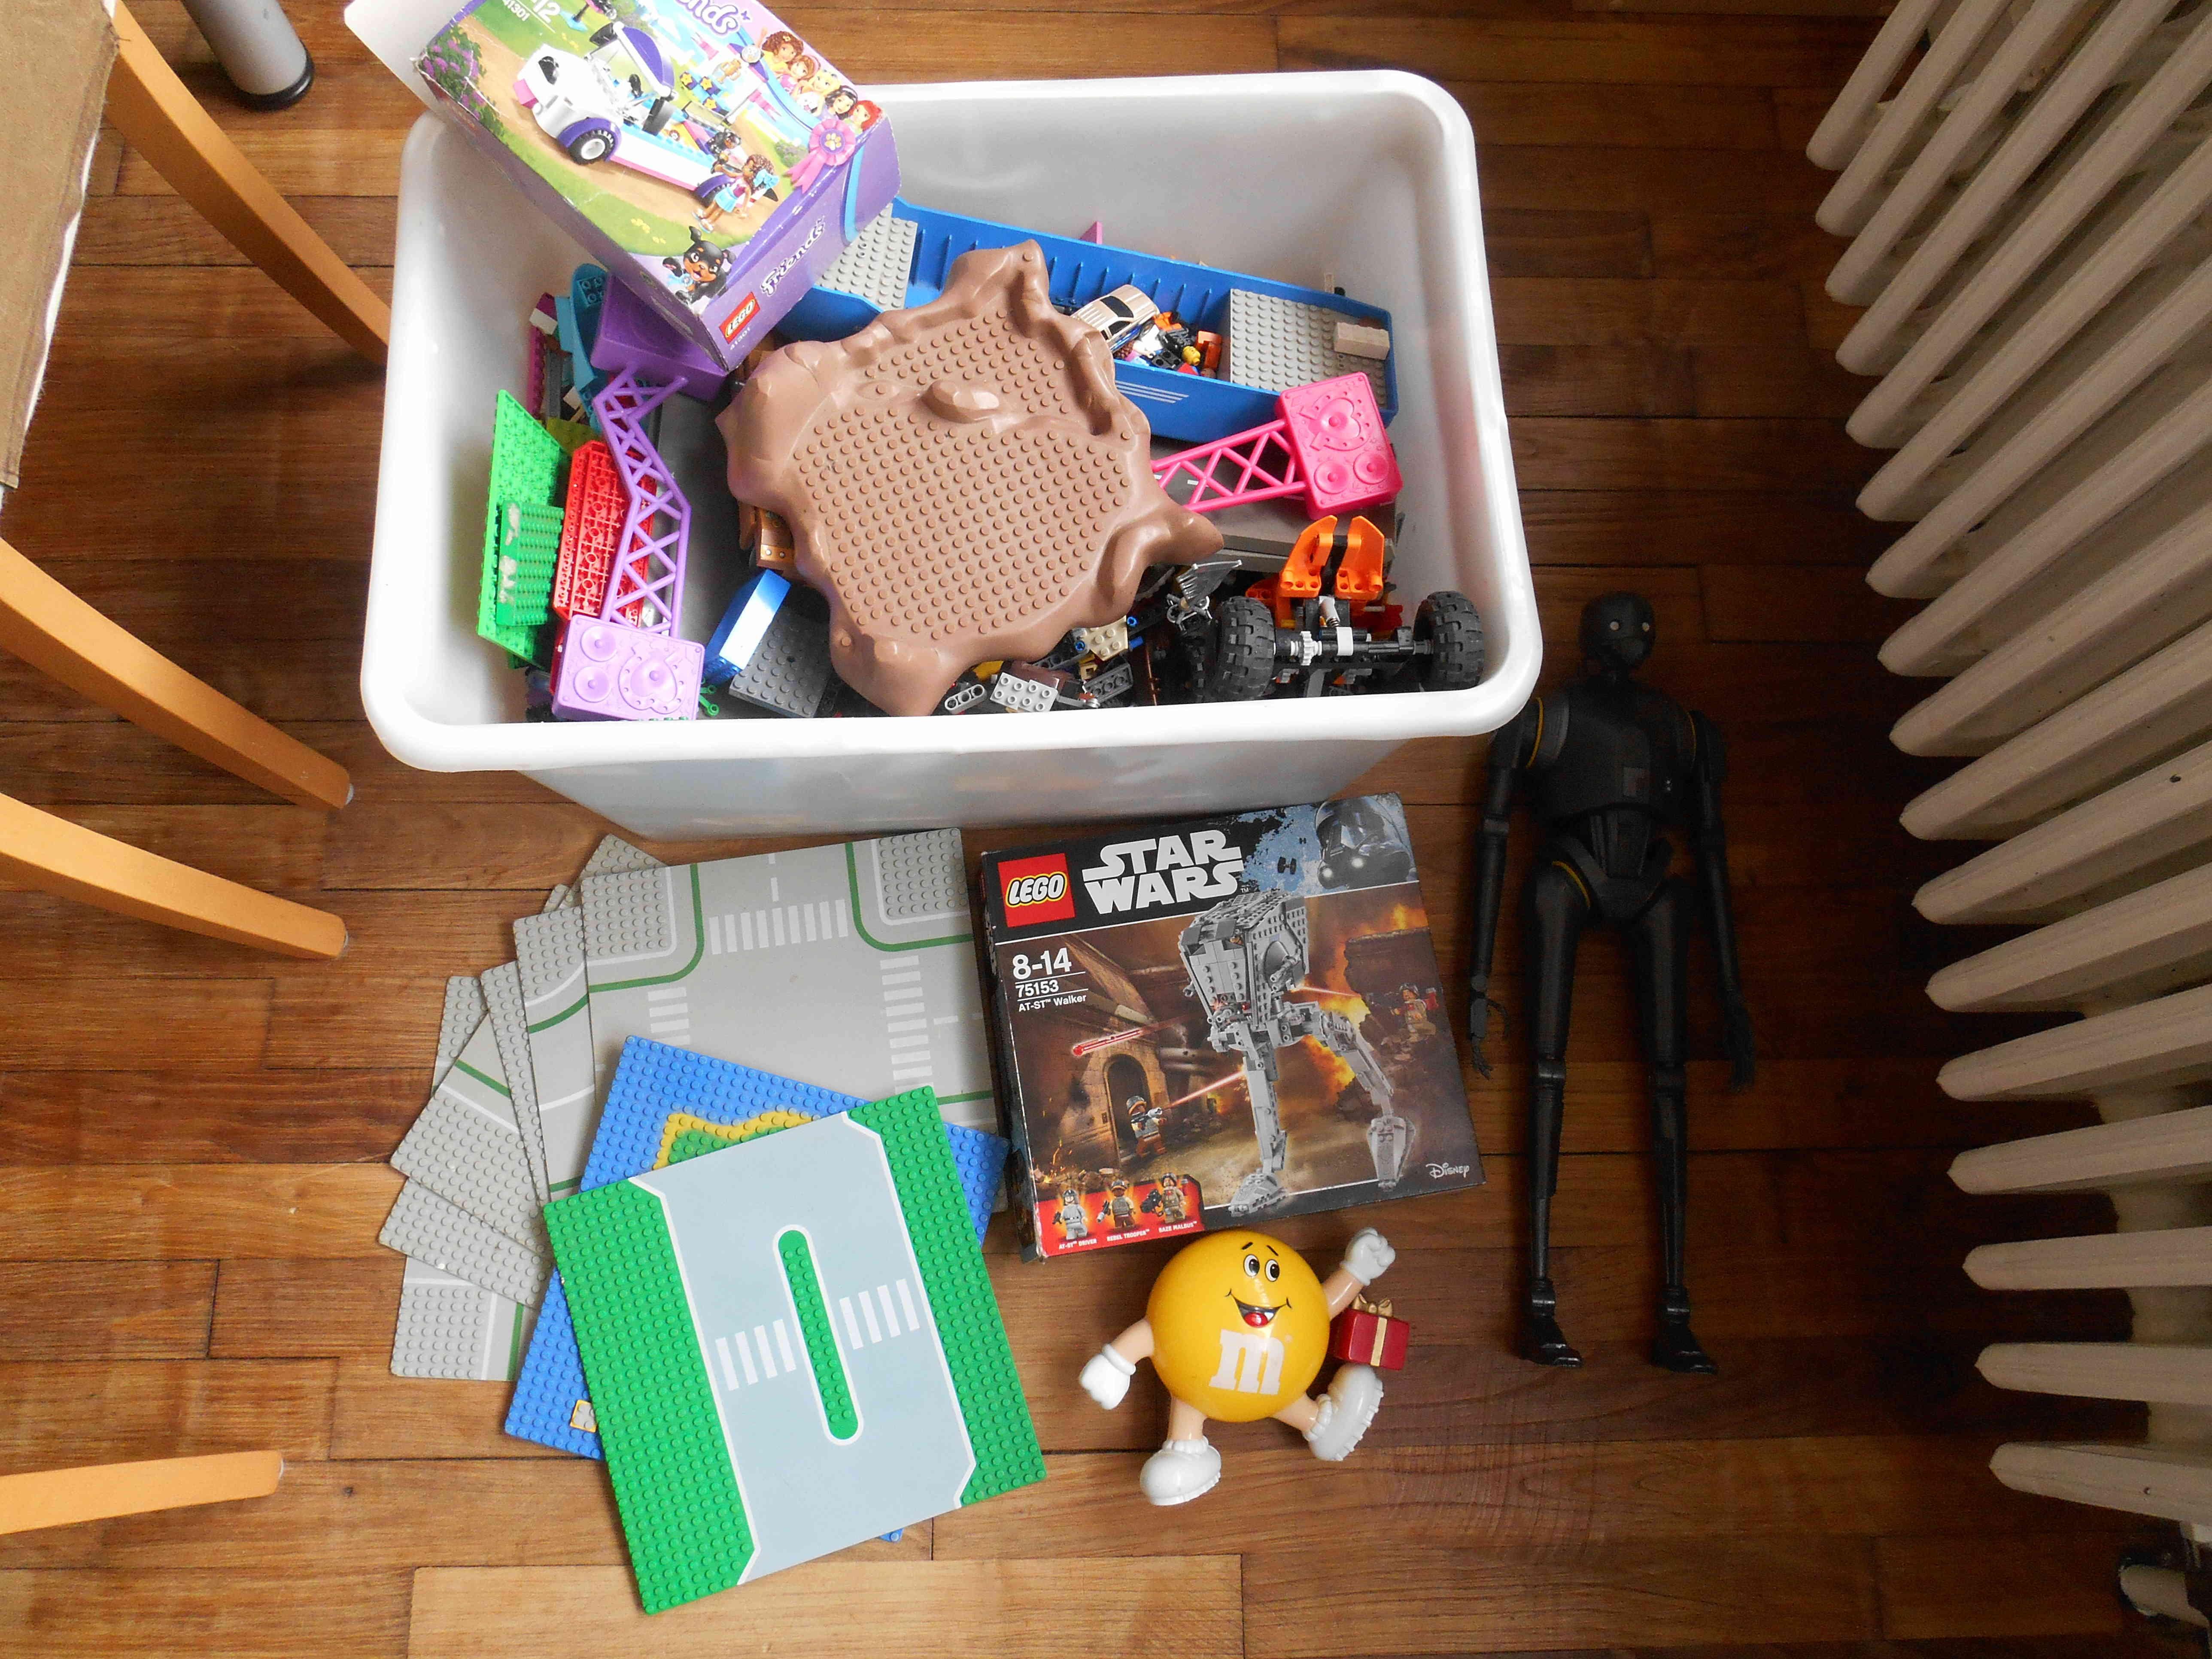 Trouvailles en Brocante, Bourse Aux jouets, Vide Greniers ... - Page 59 Dscn5912